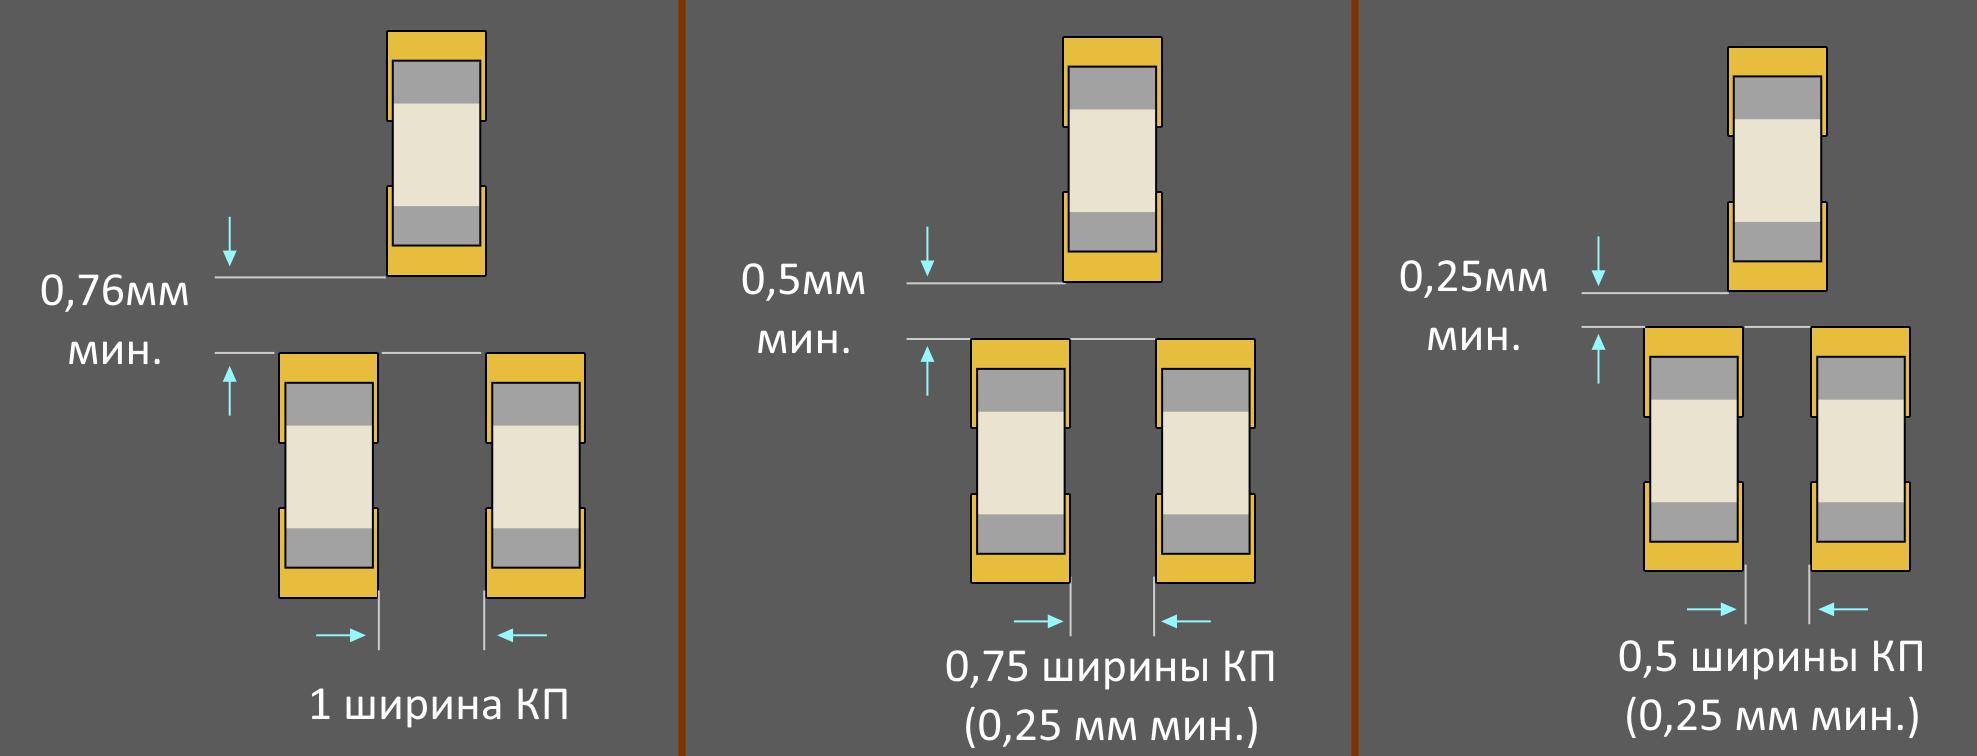 Altium Designer расстояние между КП чип-компонентов: а) изготовить легко; б) изготовление средней сложности; в) изготовить сложно